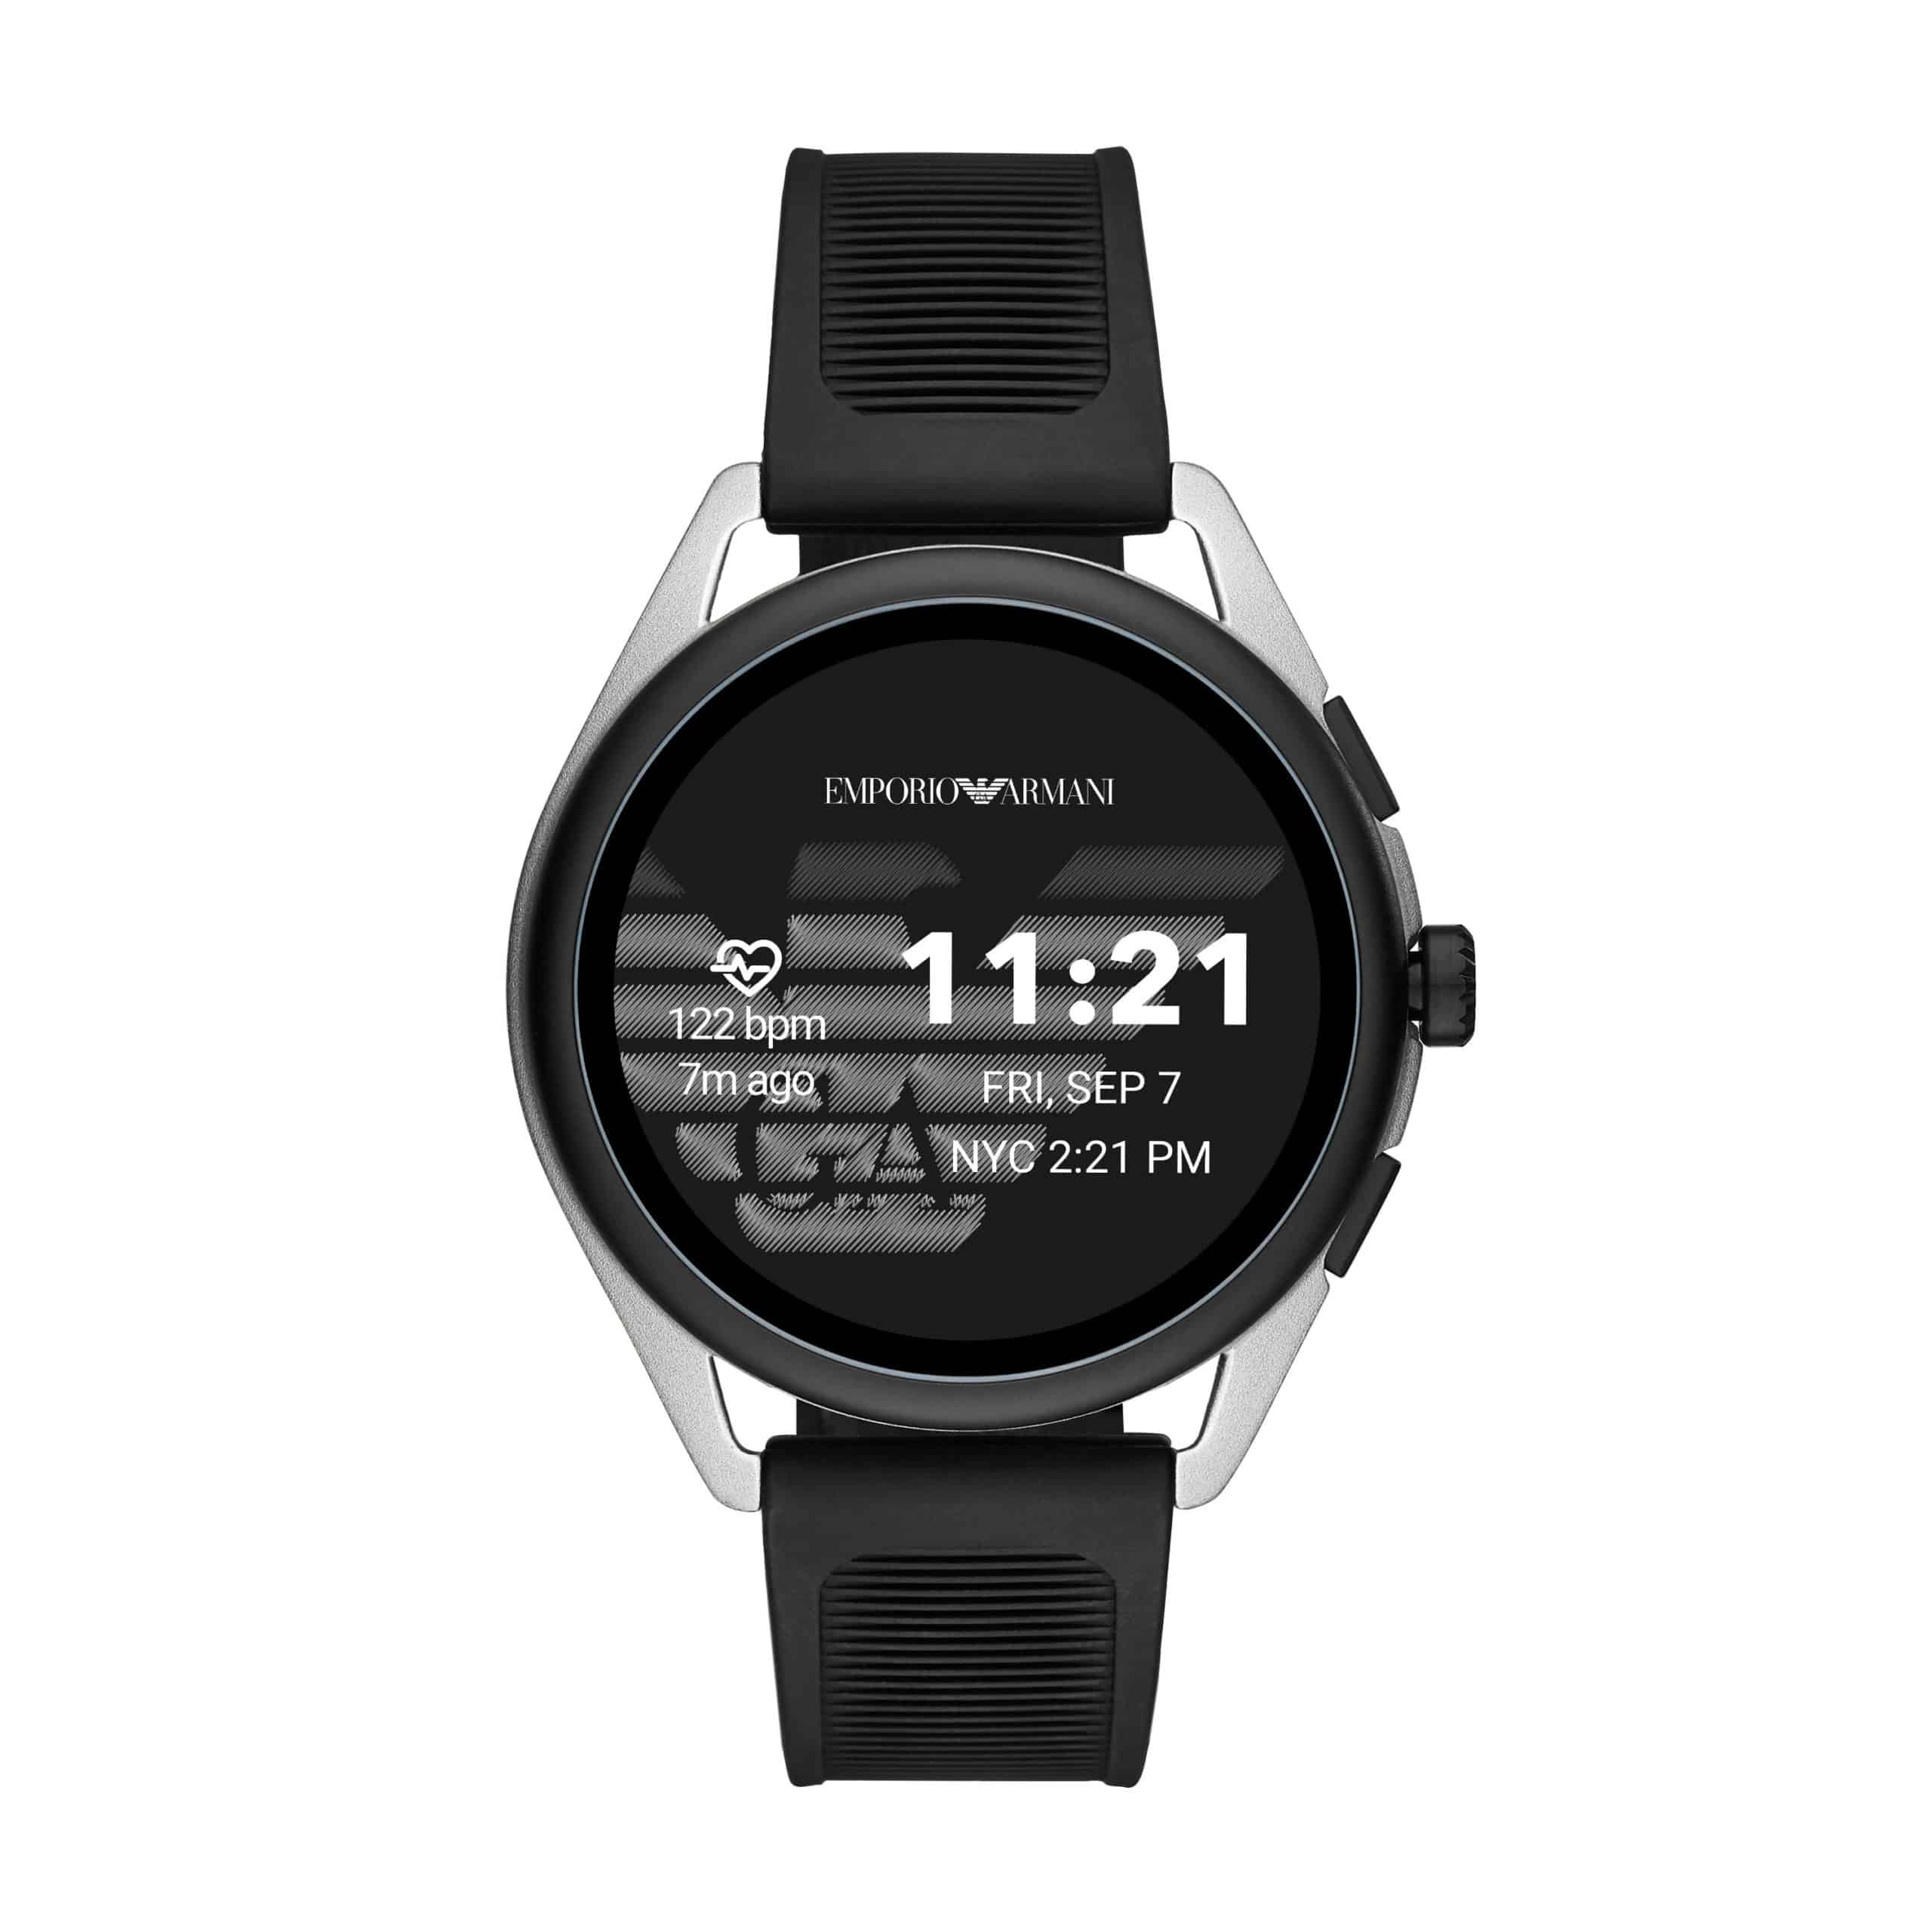 Emporio Armani Connected Smartwatch 3 1